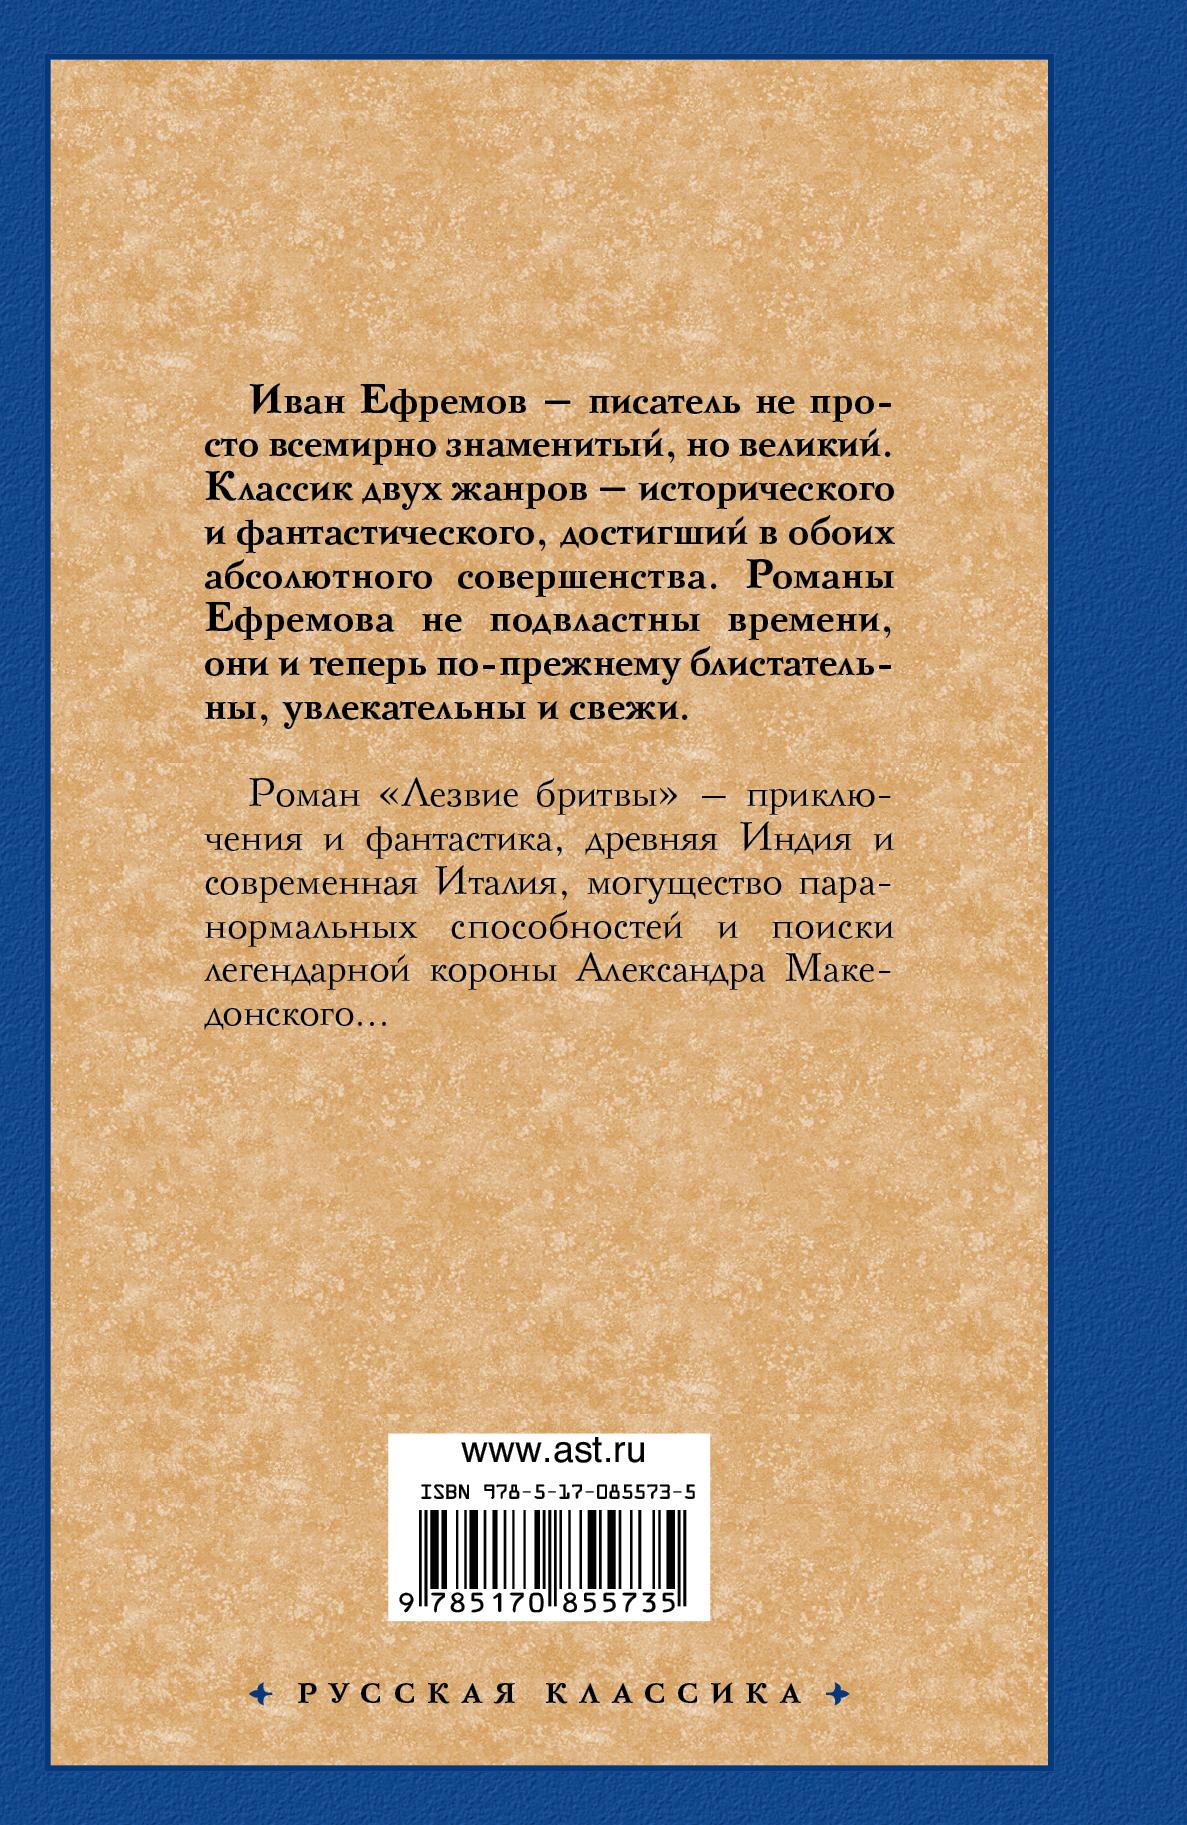 Лезвие бритвы. Иван Антонович Ефремов